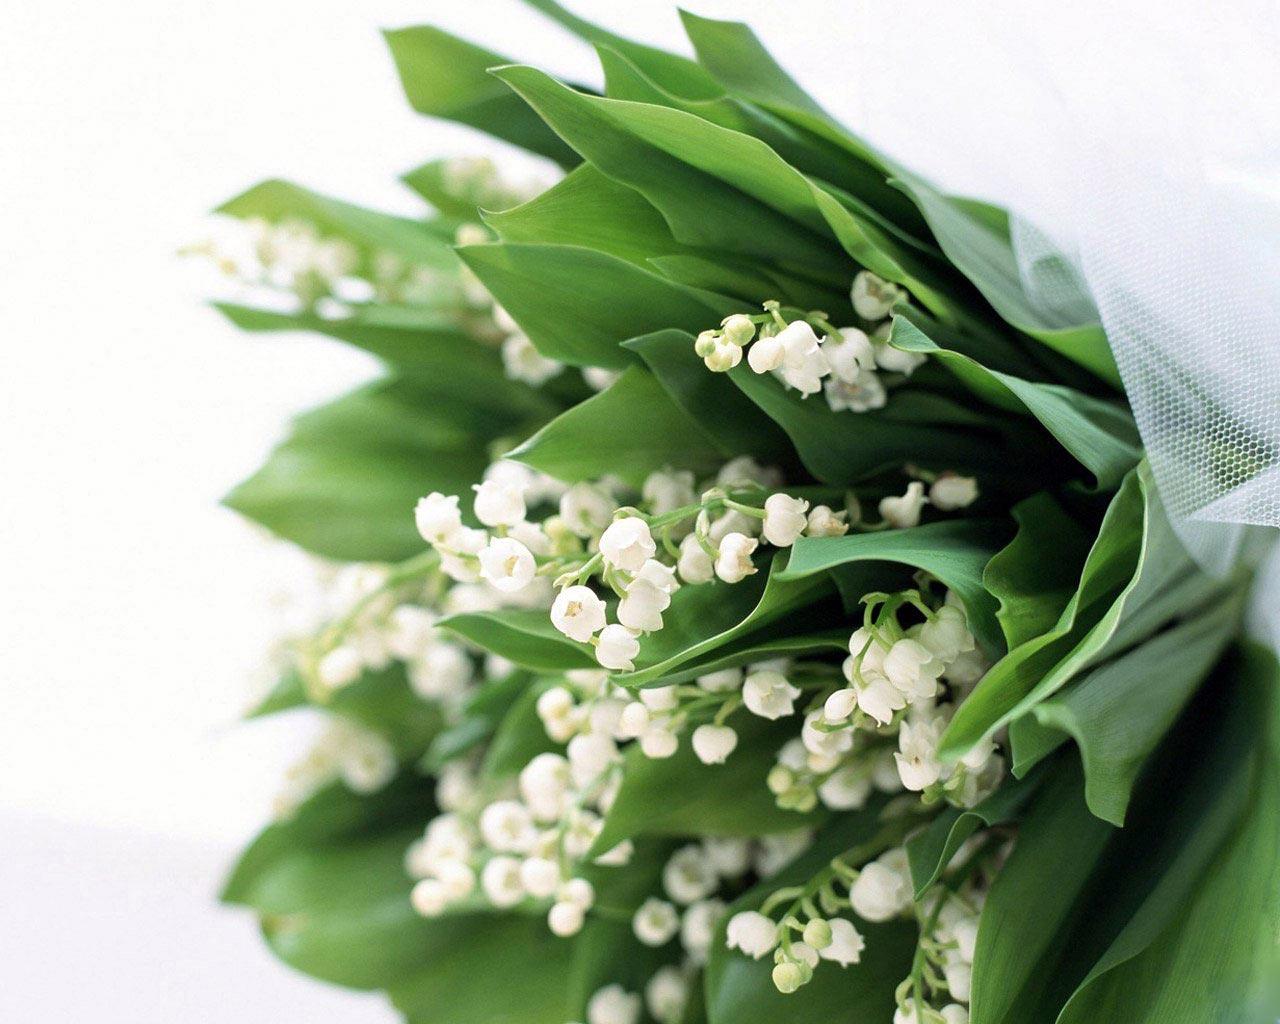 Hoa huệ chuông kỷ niệm ngày cưới